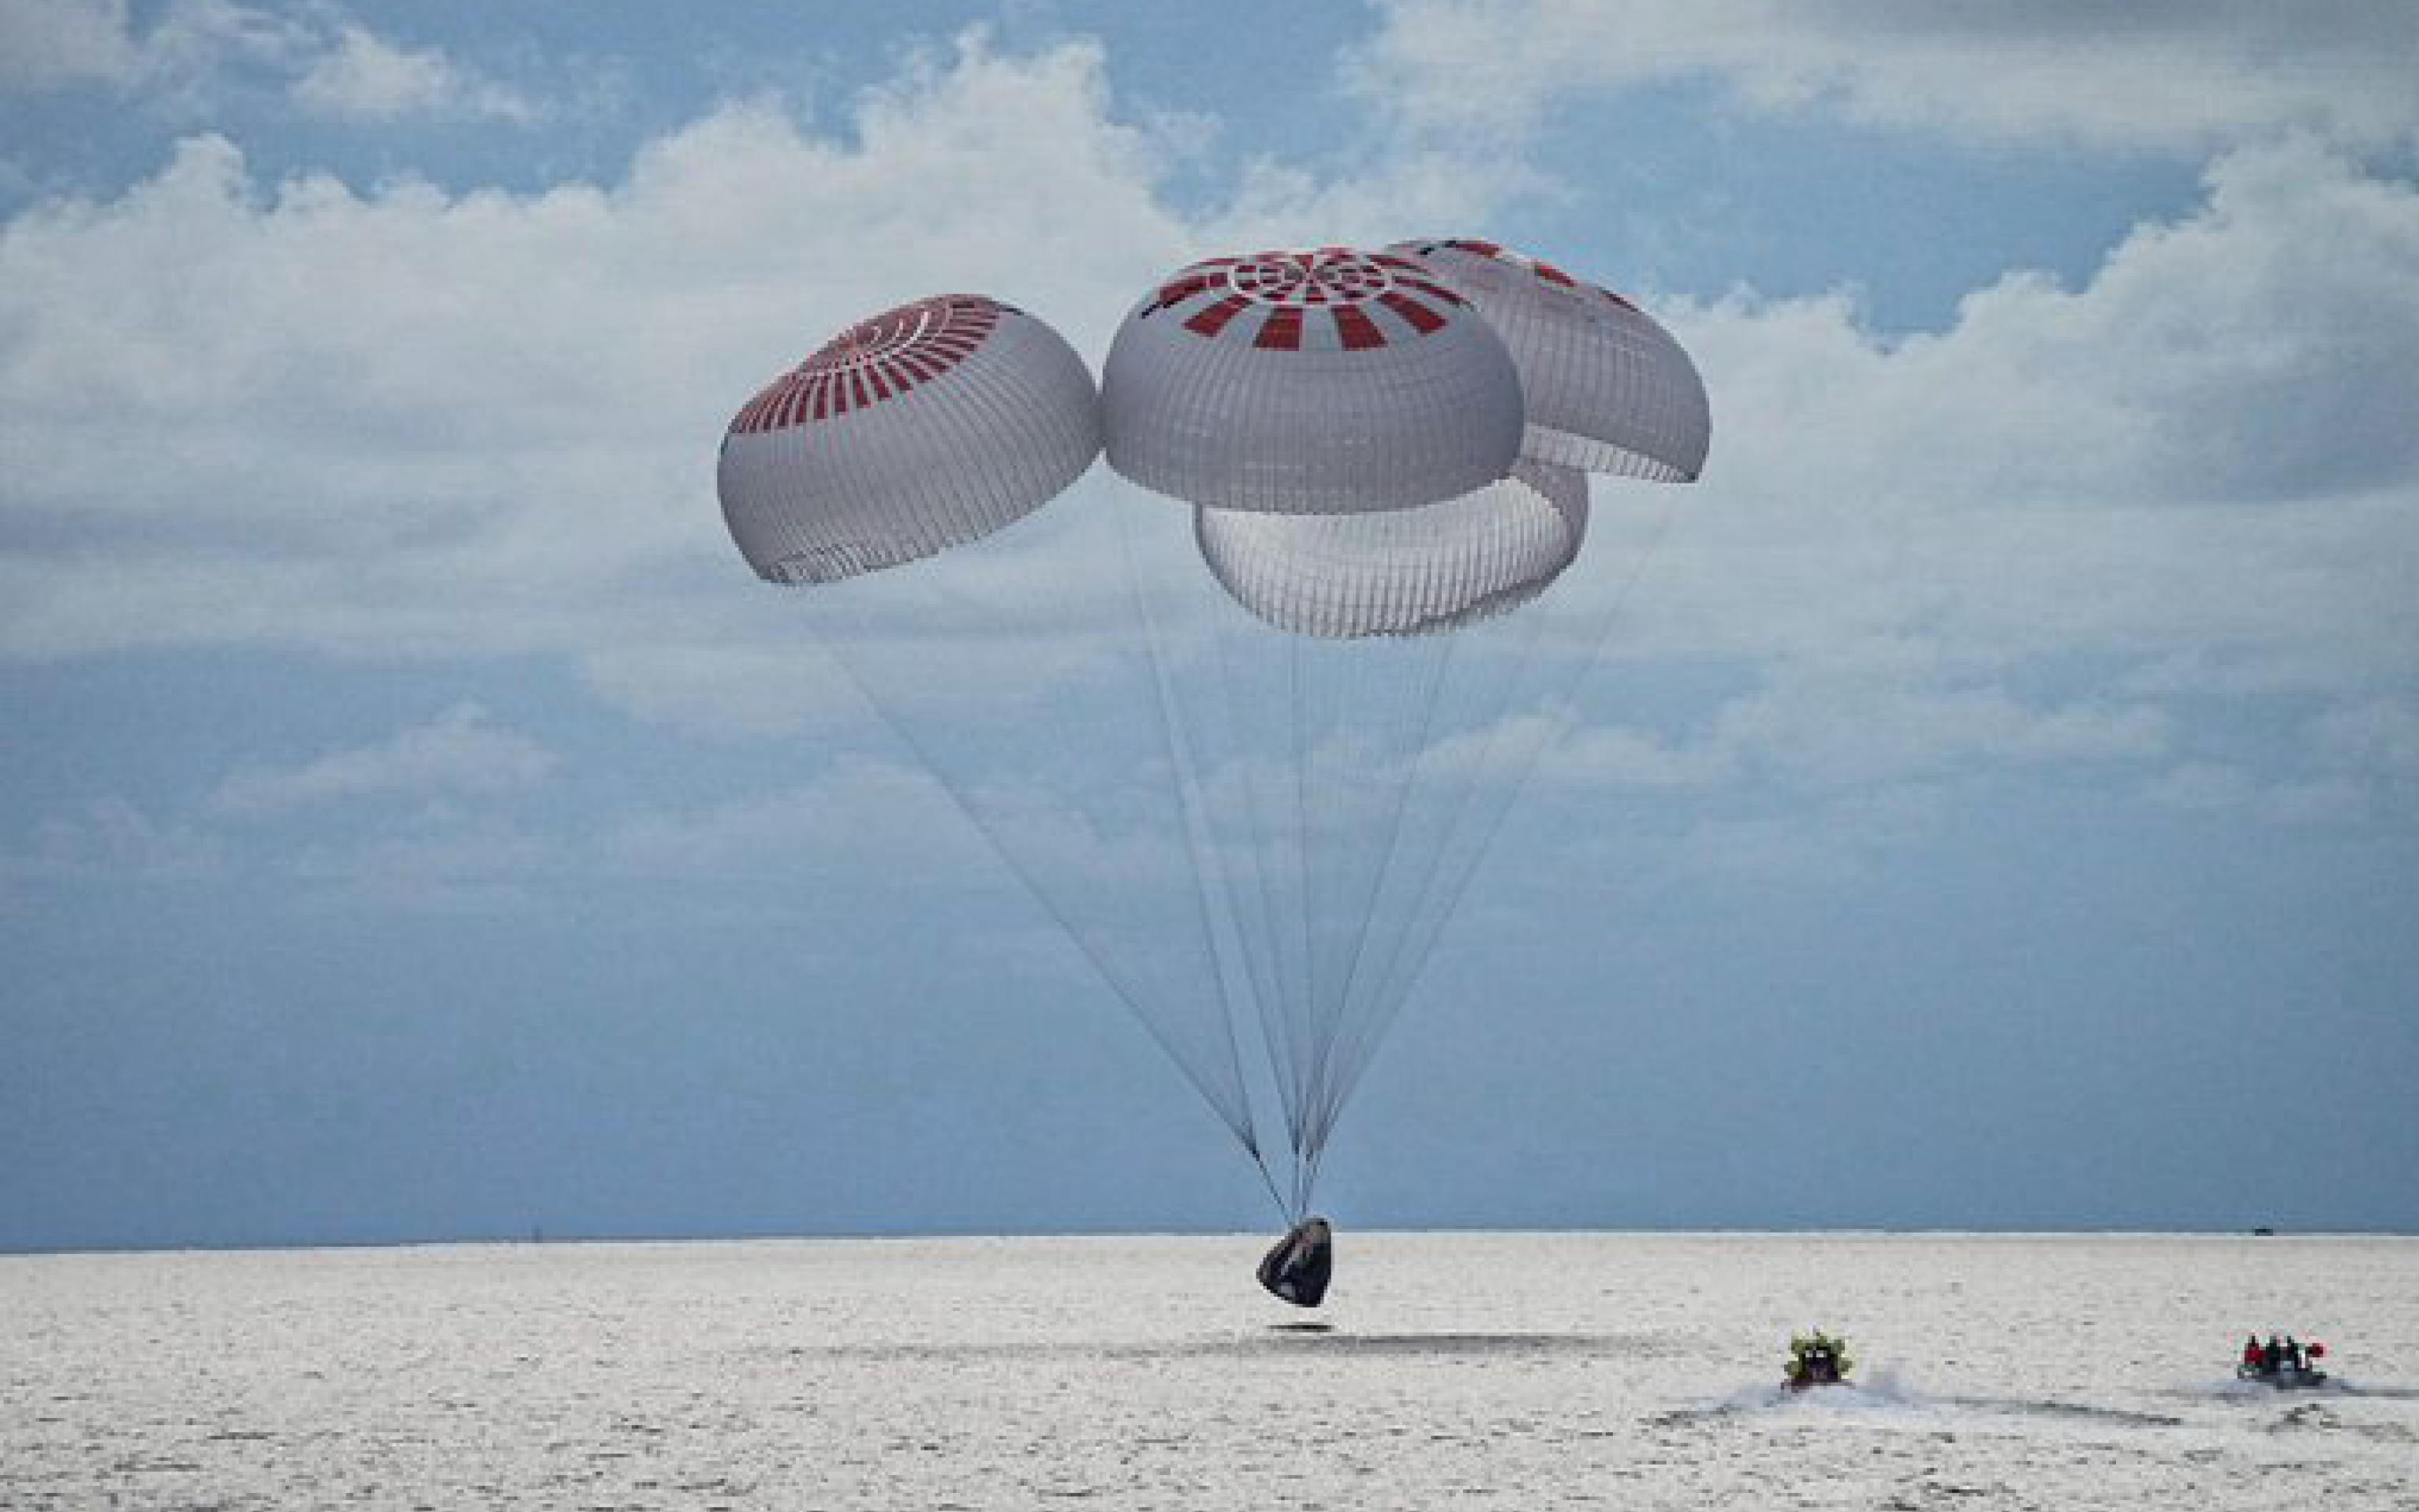 I primi quattro turisti spaziali di SpaceX sono ammarati ieri sera nell'Oceano Atlantico al largo della costa della Florida dopo aver trascorso tre giorni nello spazio, completando con successo la prima missione orbitale della storia senza astronauti professionisti a bordo, 19 settembre 2021. ANSA/Twitter SpaceX      + ATTENZIONE LA FOTO NON PUO' ESSERE PUBBLICATA O RIPRODOTTA SENZA L'AUTORIZZAZIONE DELLA FONTE DI ORIGINE CUI SI RINVIA +